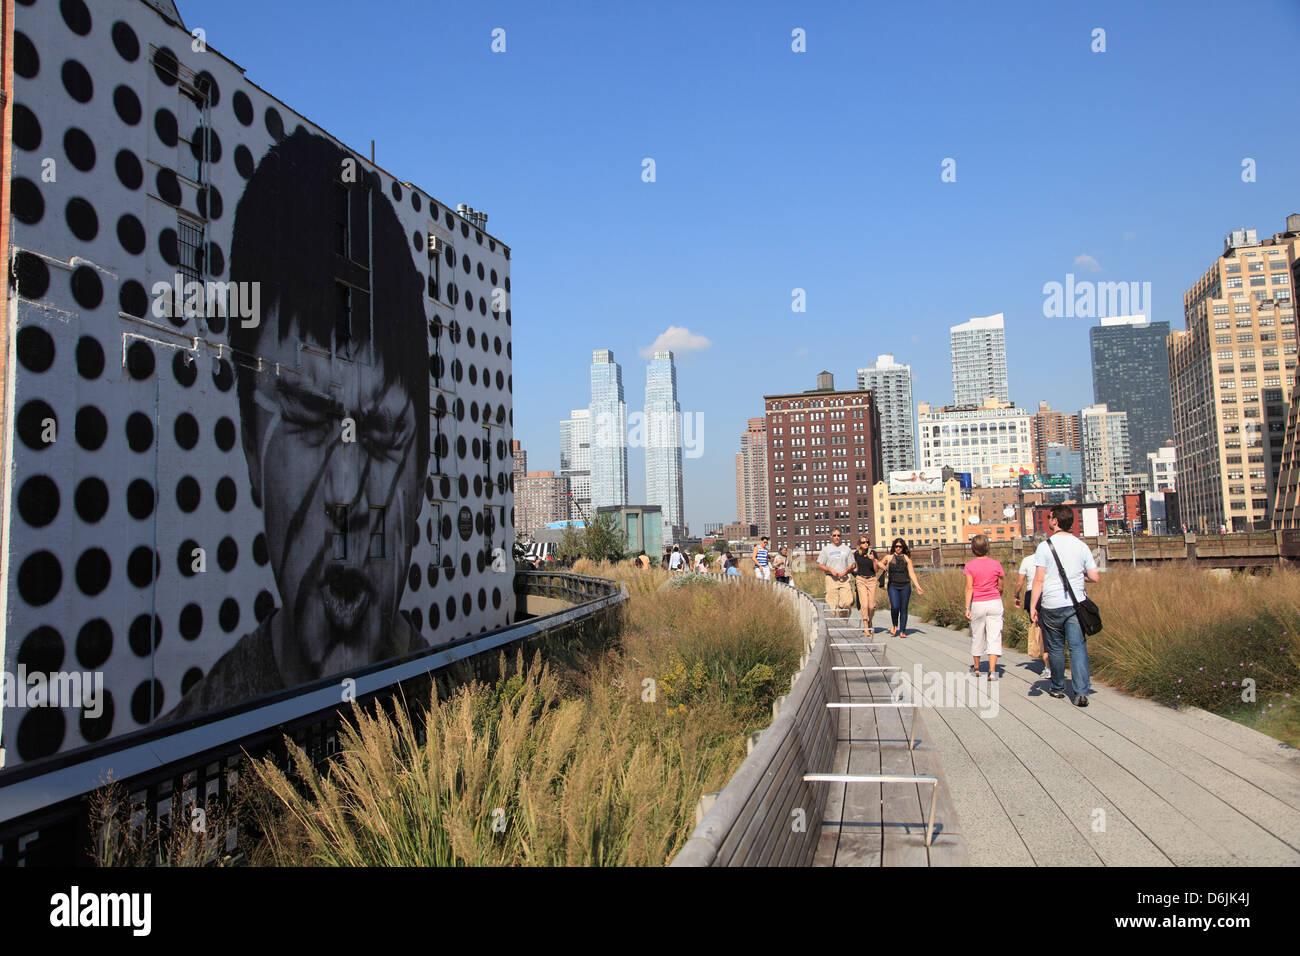 High Line Park, erhöhten öffentlichen Park am ehemaligen Bahngleise, Manhattan, New York City, Vereinigte Staaten Stockfoto